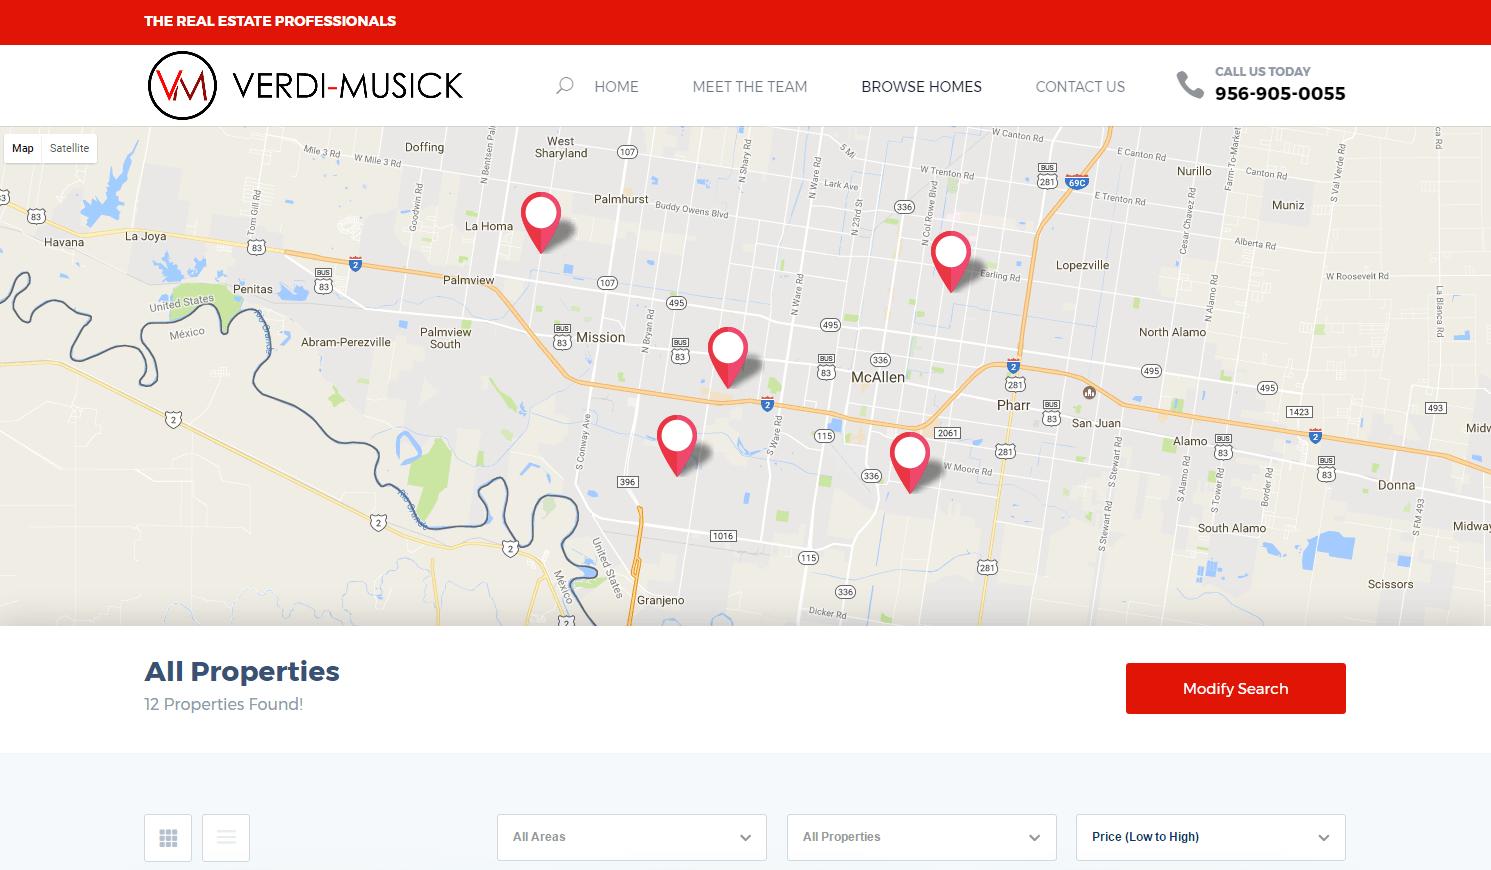 VerdiMusick Real Estate 2